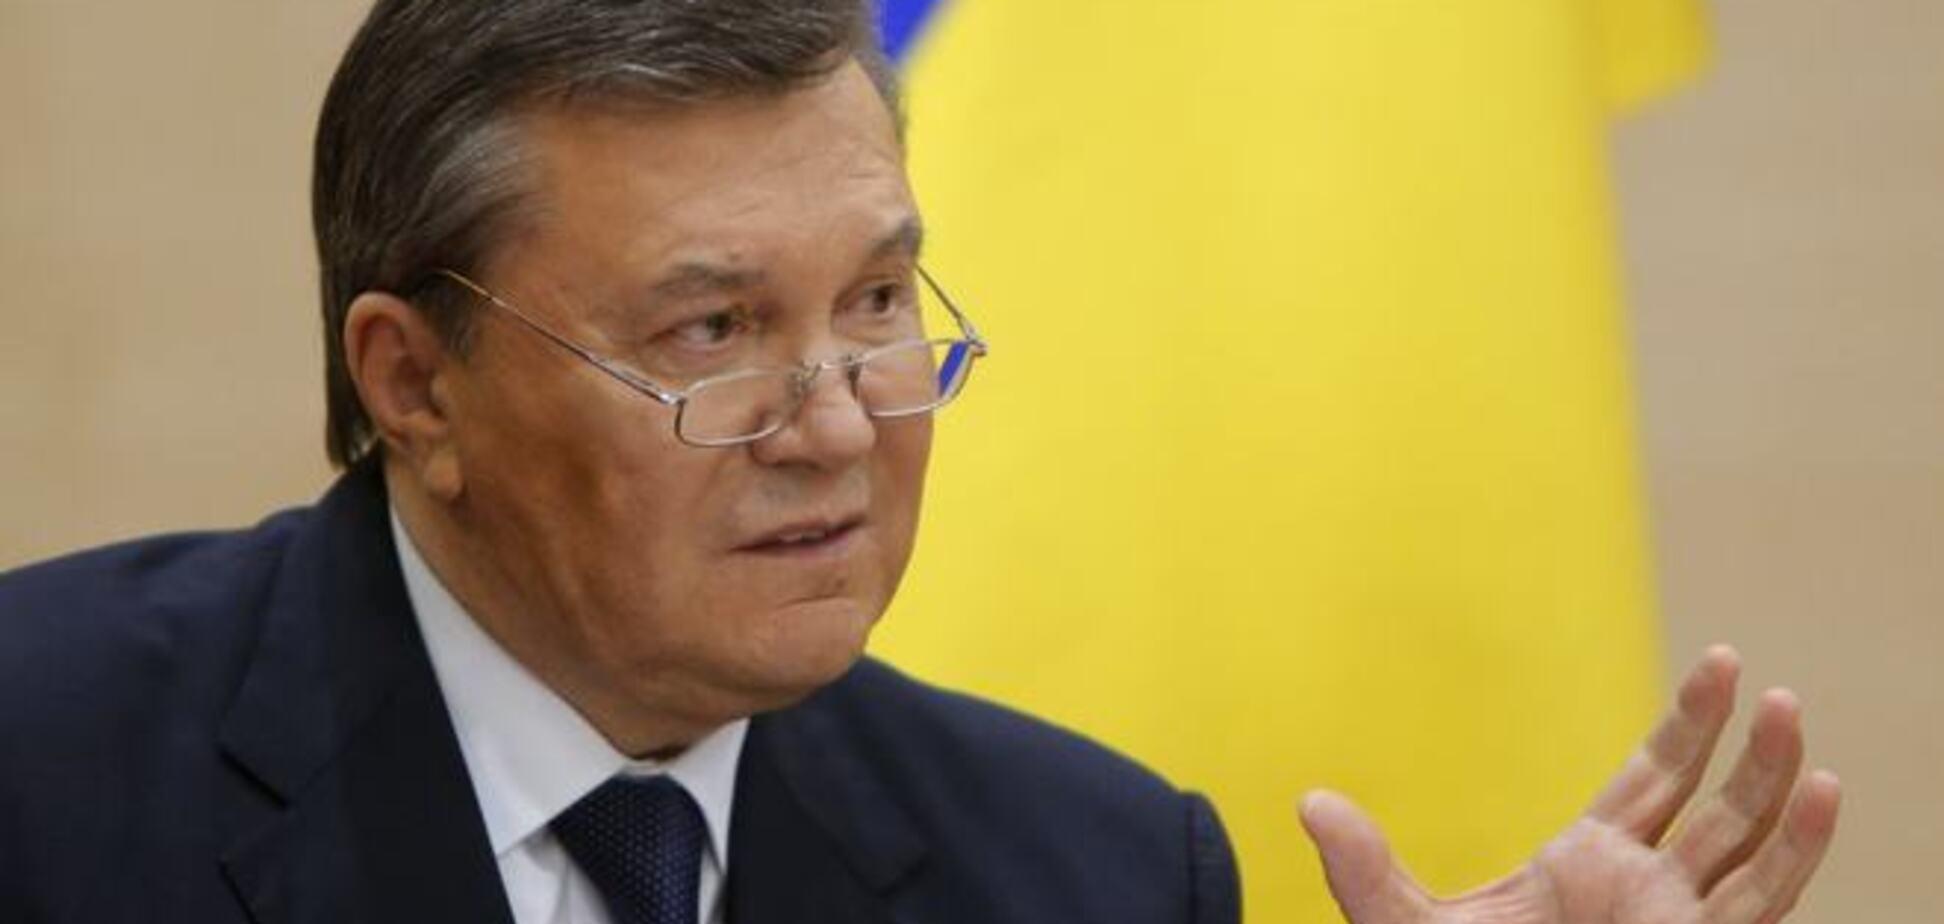 Представьте, что было бы, если бы там появился я - Янукович рассказал, почему не вышел к майдановцам